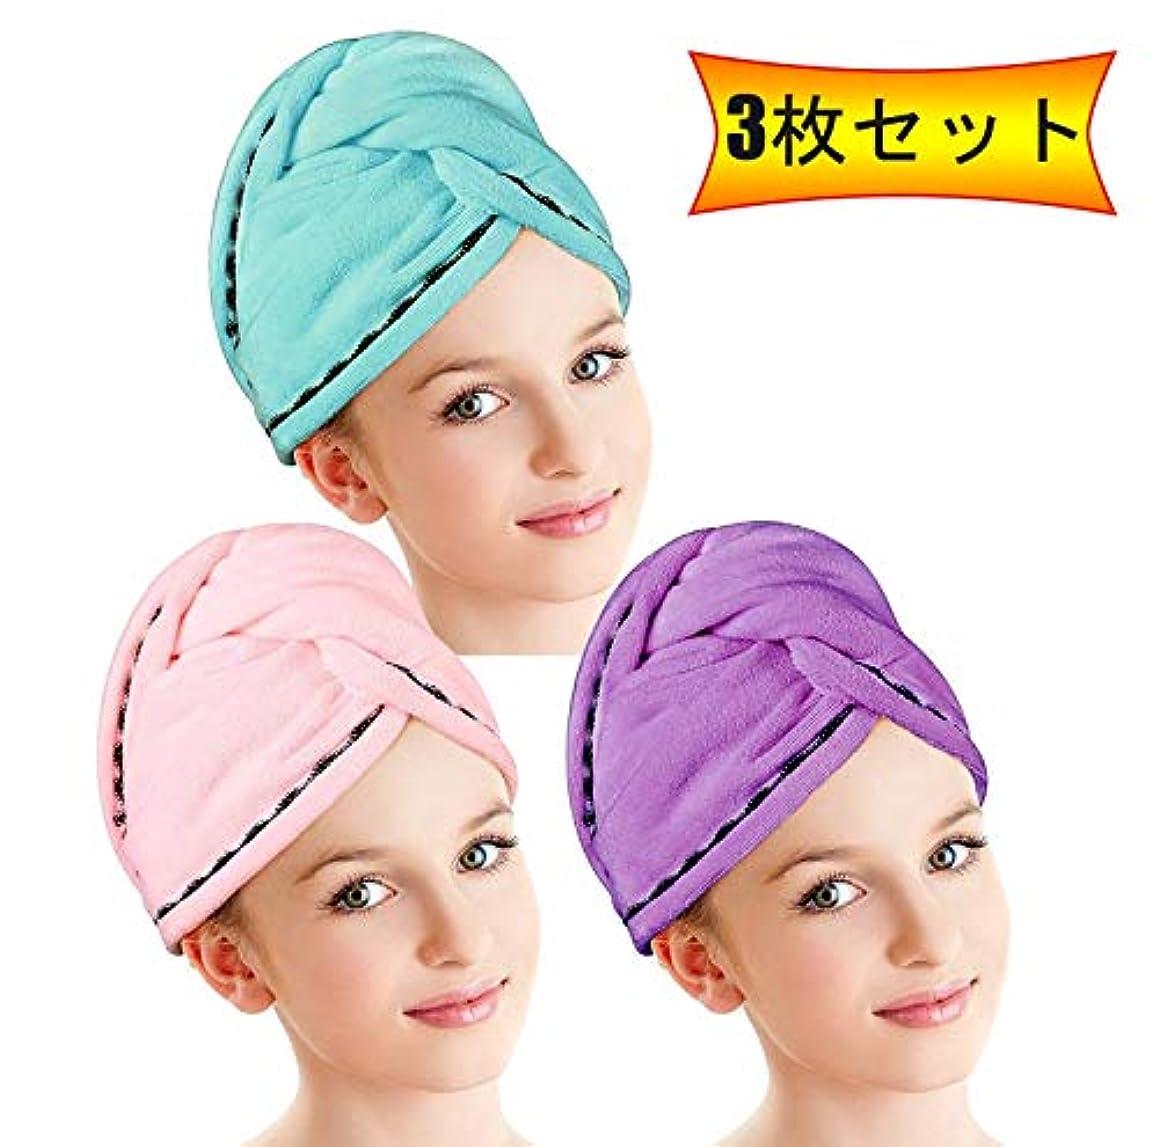 子供達踏みつけ魔女ヘアドライタオル 3枚セット吸水 速乾 髪 タオル 軽量 防滑 シャワーキャップ タオルキャップ ヘアキャップ ふわもこ ドライキャップ ヘアターバン 強い吸水性 お風呂上がり バス用品